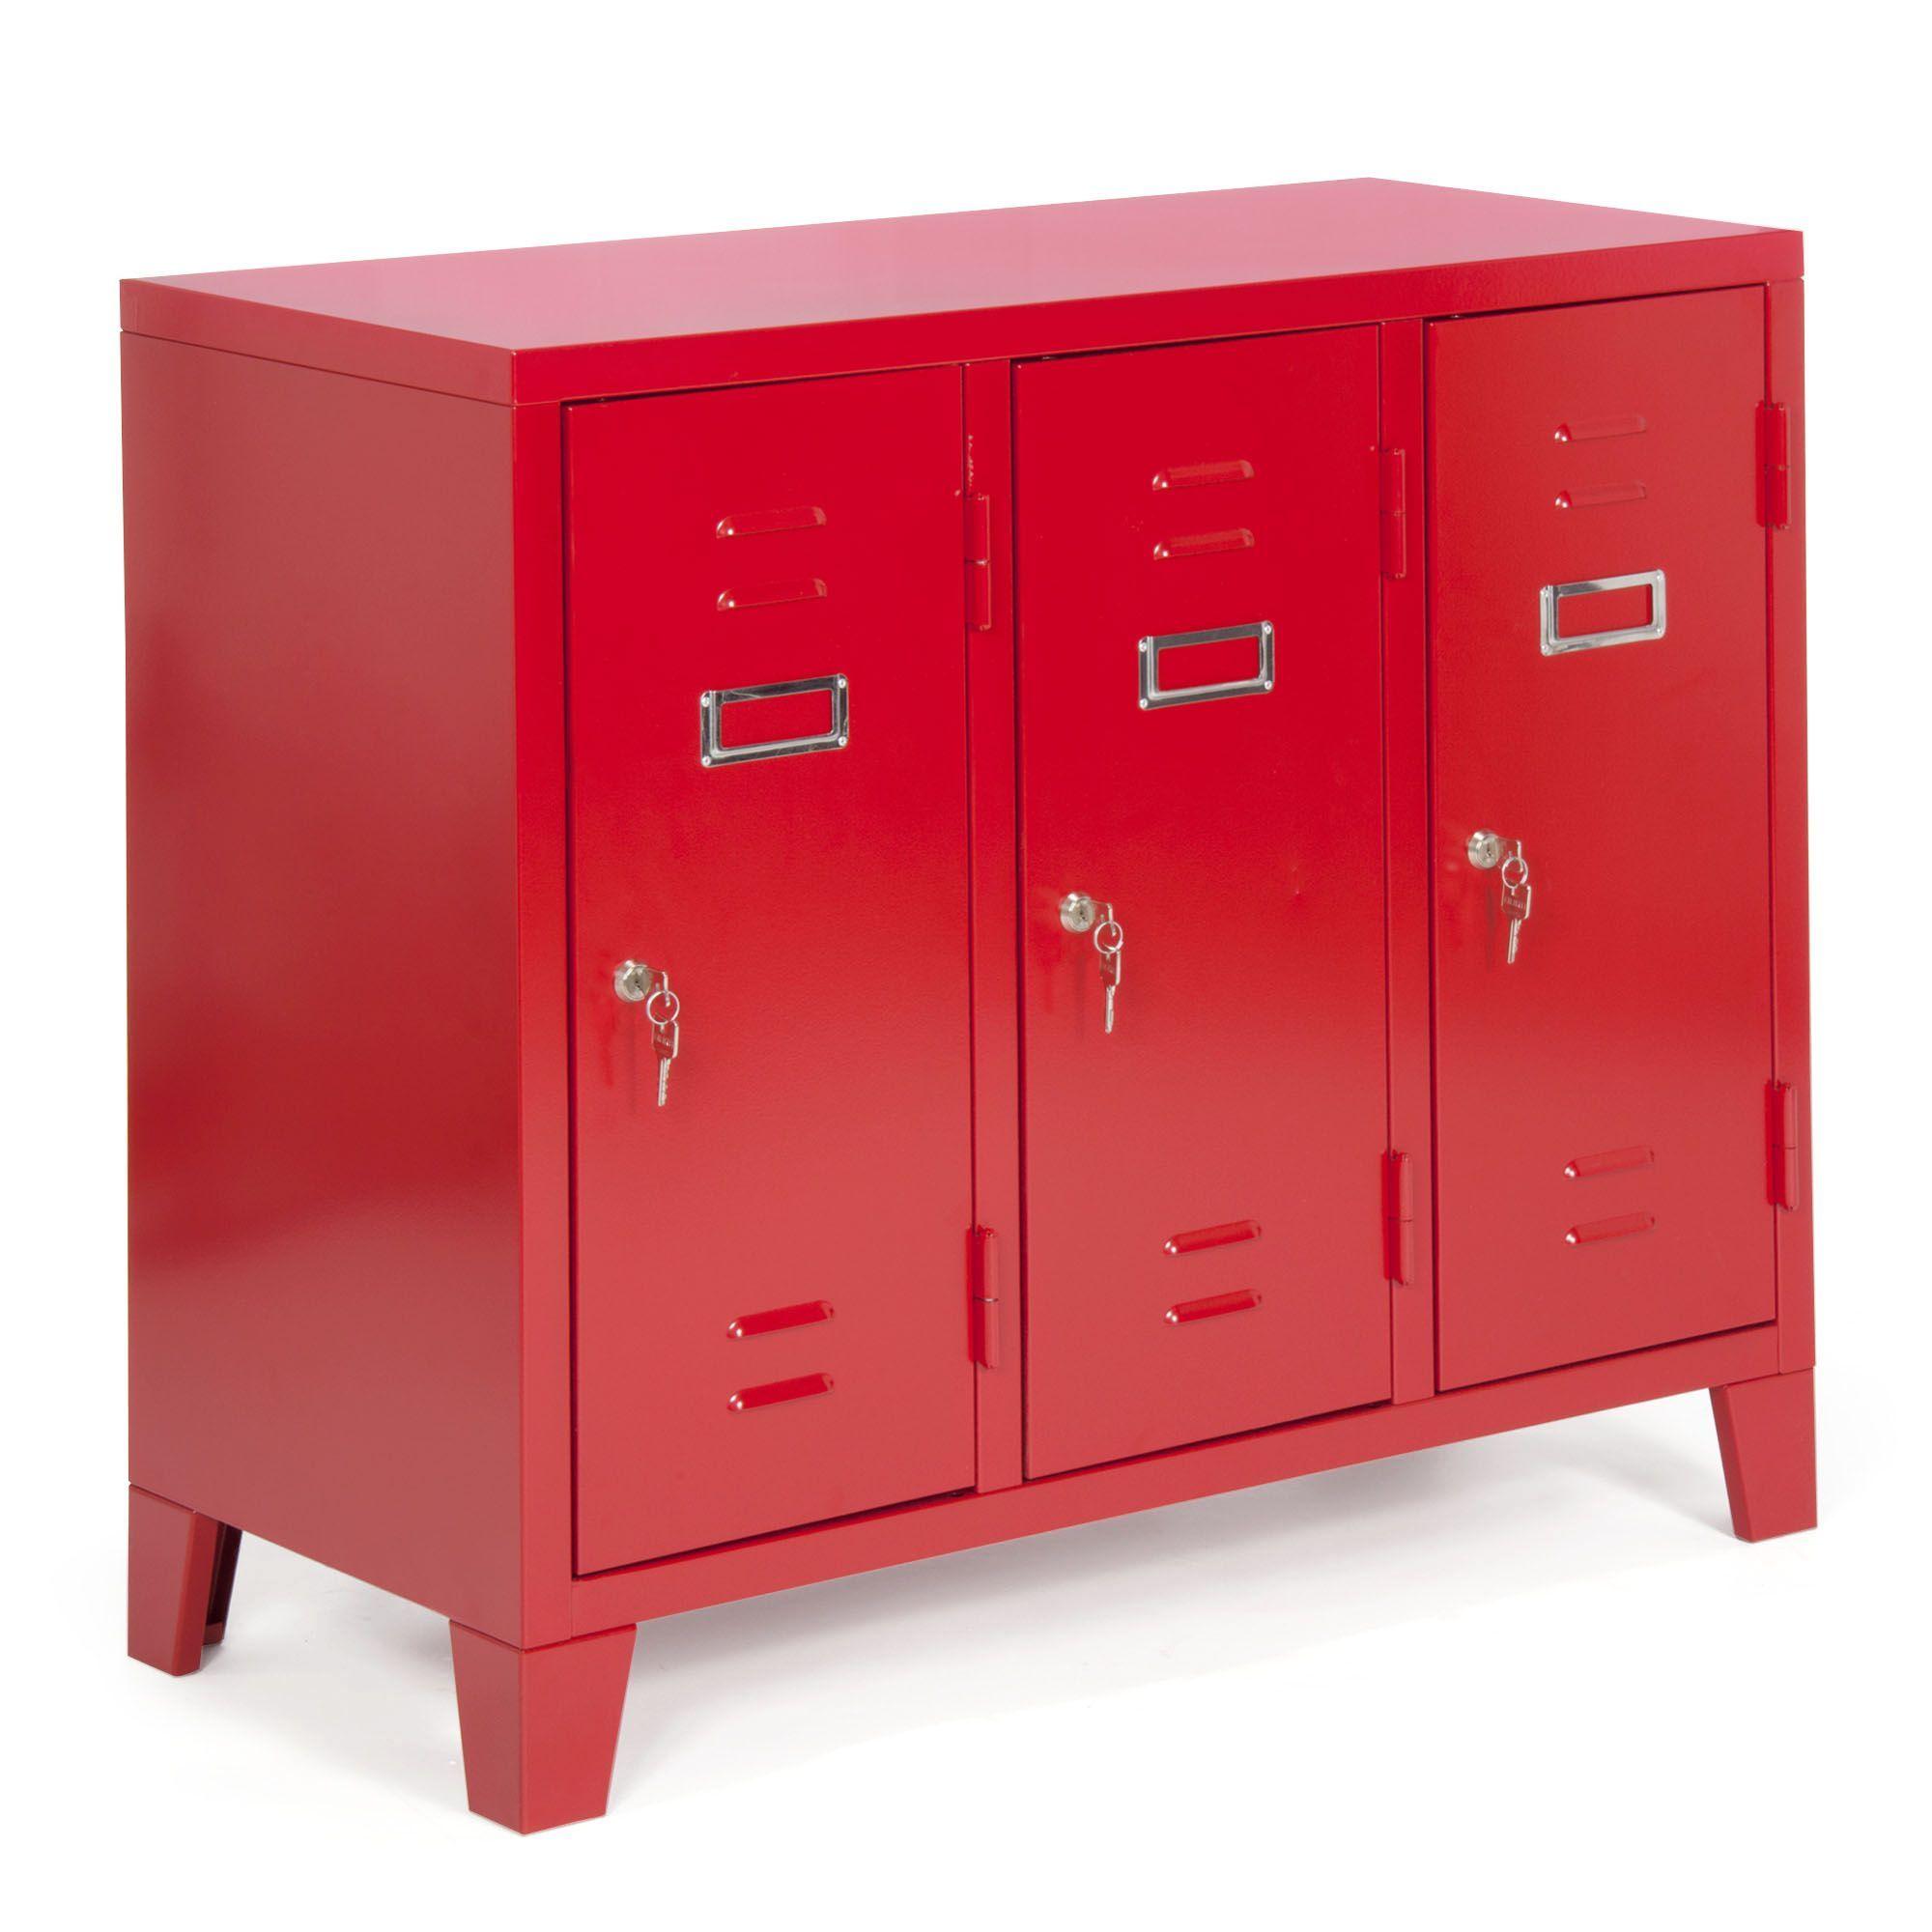 Caisson de bureau 3 portes en acier Rouge Larsen Les caissons